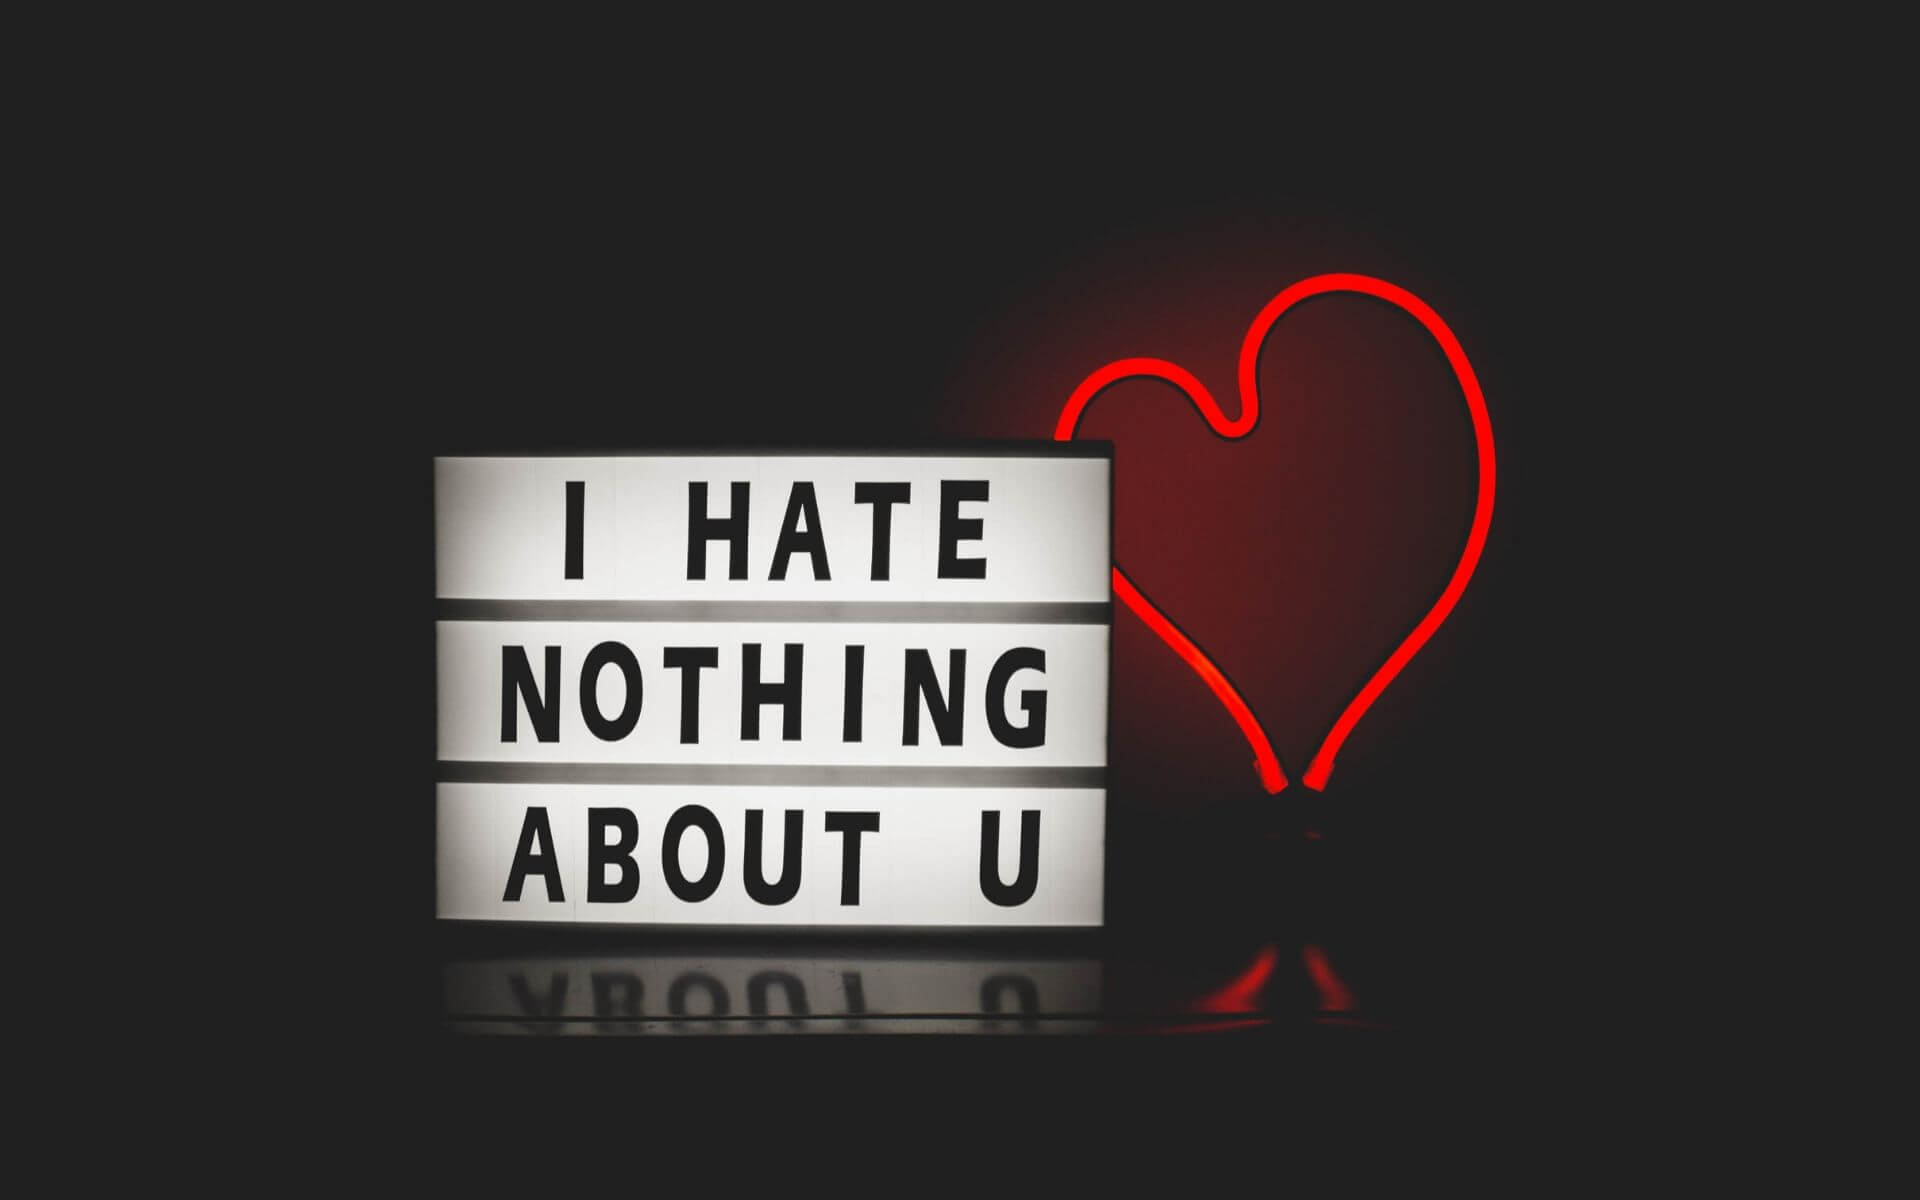 Wie schlimm ist deine Eifersucht wirklich? Der ultimative Selbsttest